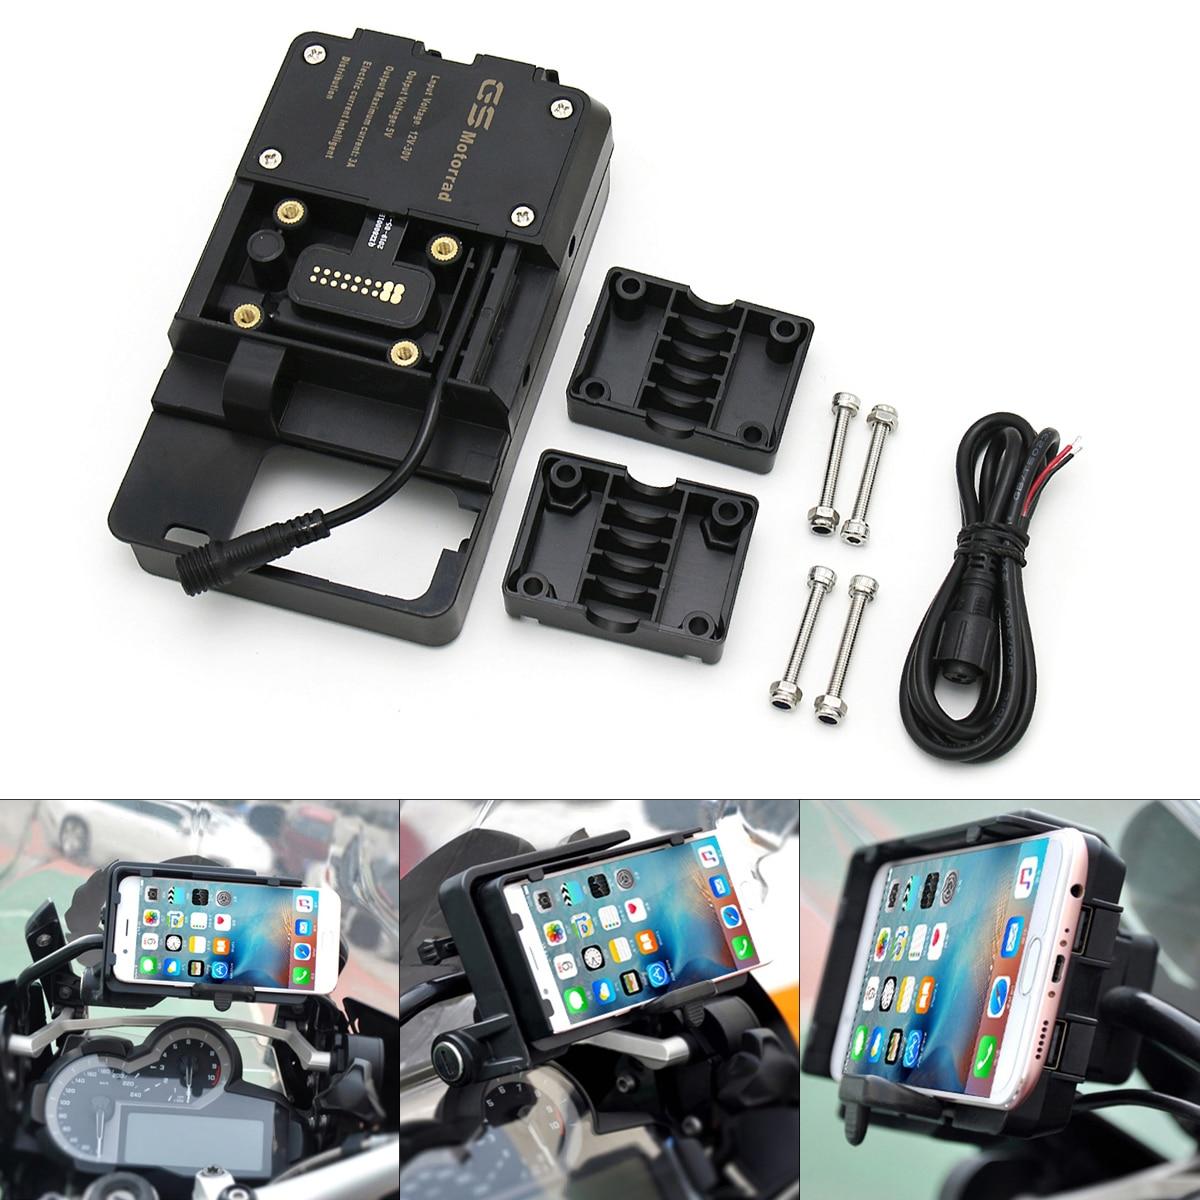 حامل هاتف خلوي عالمي للدراجات النارية ، حامل شحن USB ، نظام ملاحة قابل للتعديل ، قوس ملاحة BMW R1200GS GSA R1200R R1200RS S1000R XR